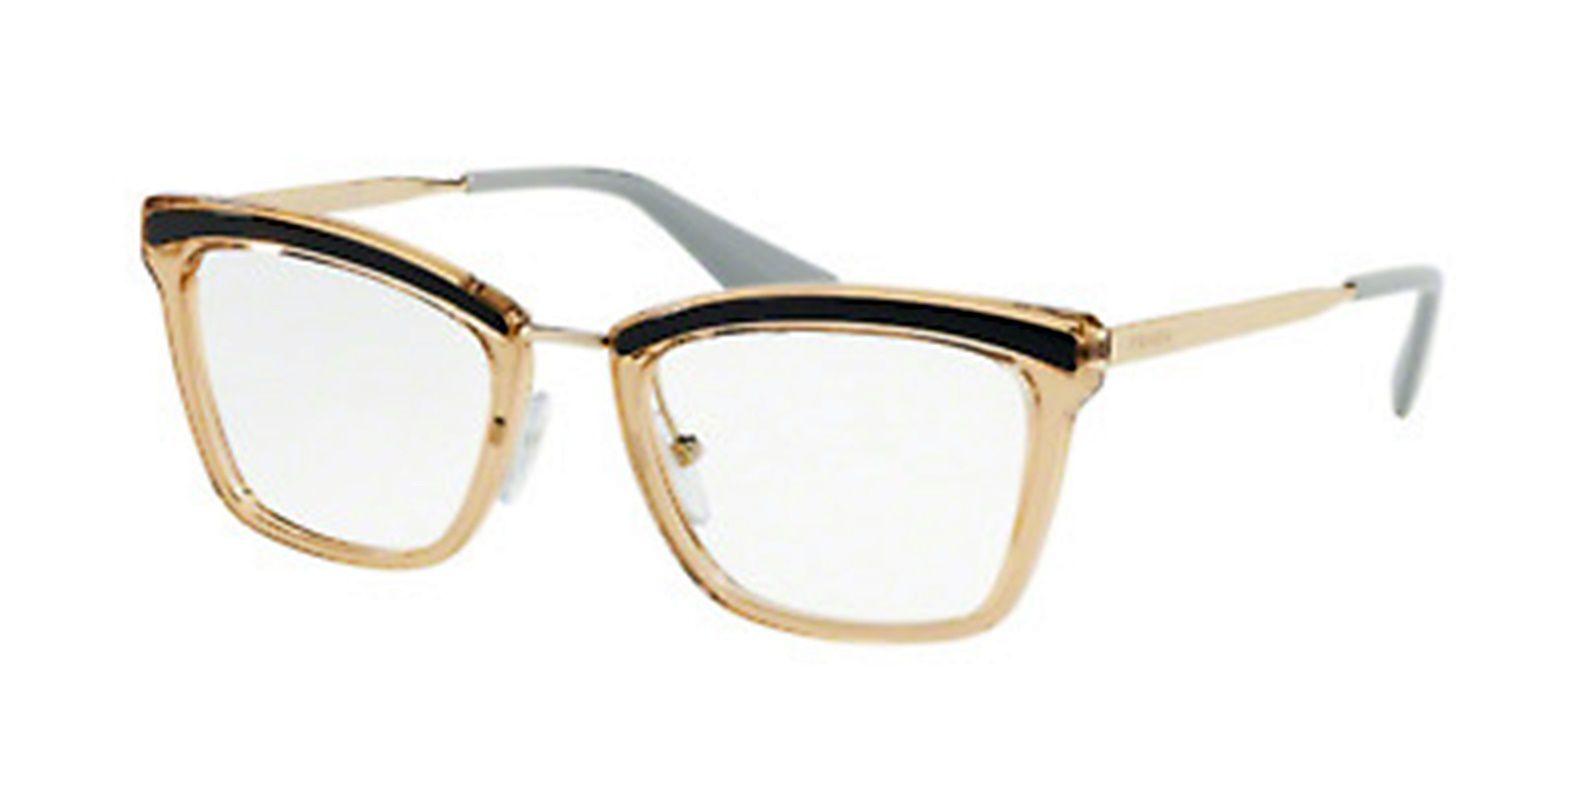 600ebd371 Armação Óculos de Grau Feminino Prada VPR15U KOF-101 - Omega Ótica e ...